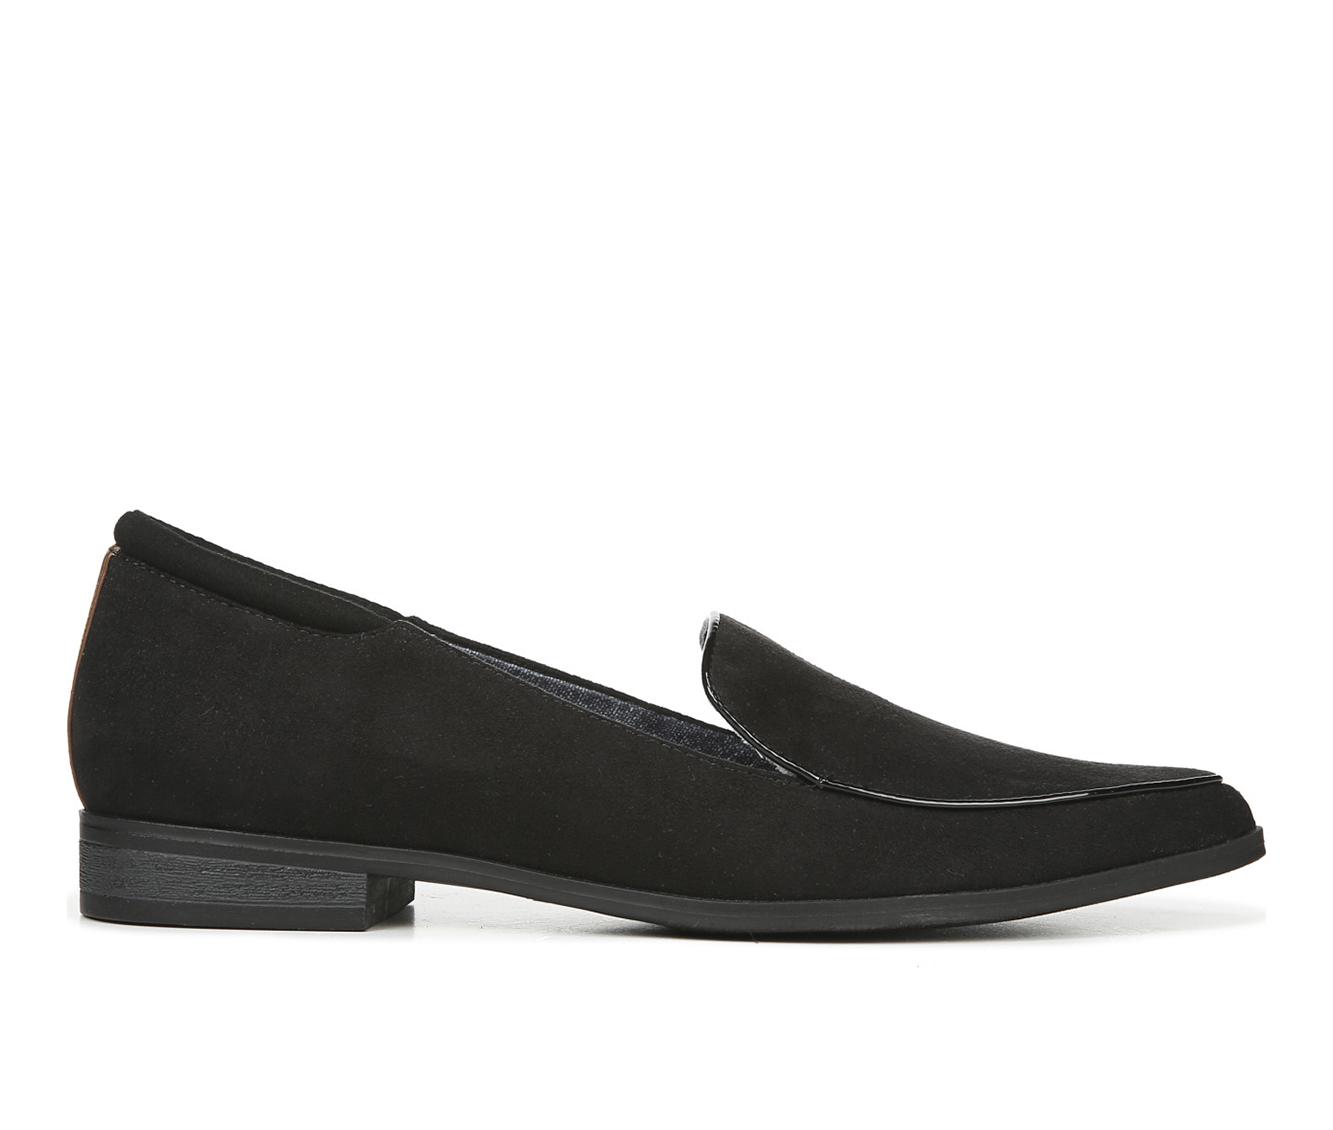 Dr. Scholls Lark Women's Shoe (Black Canvas)